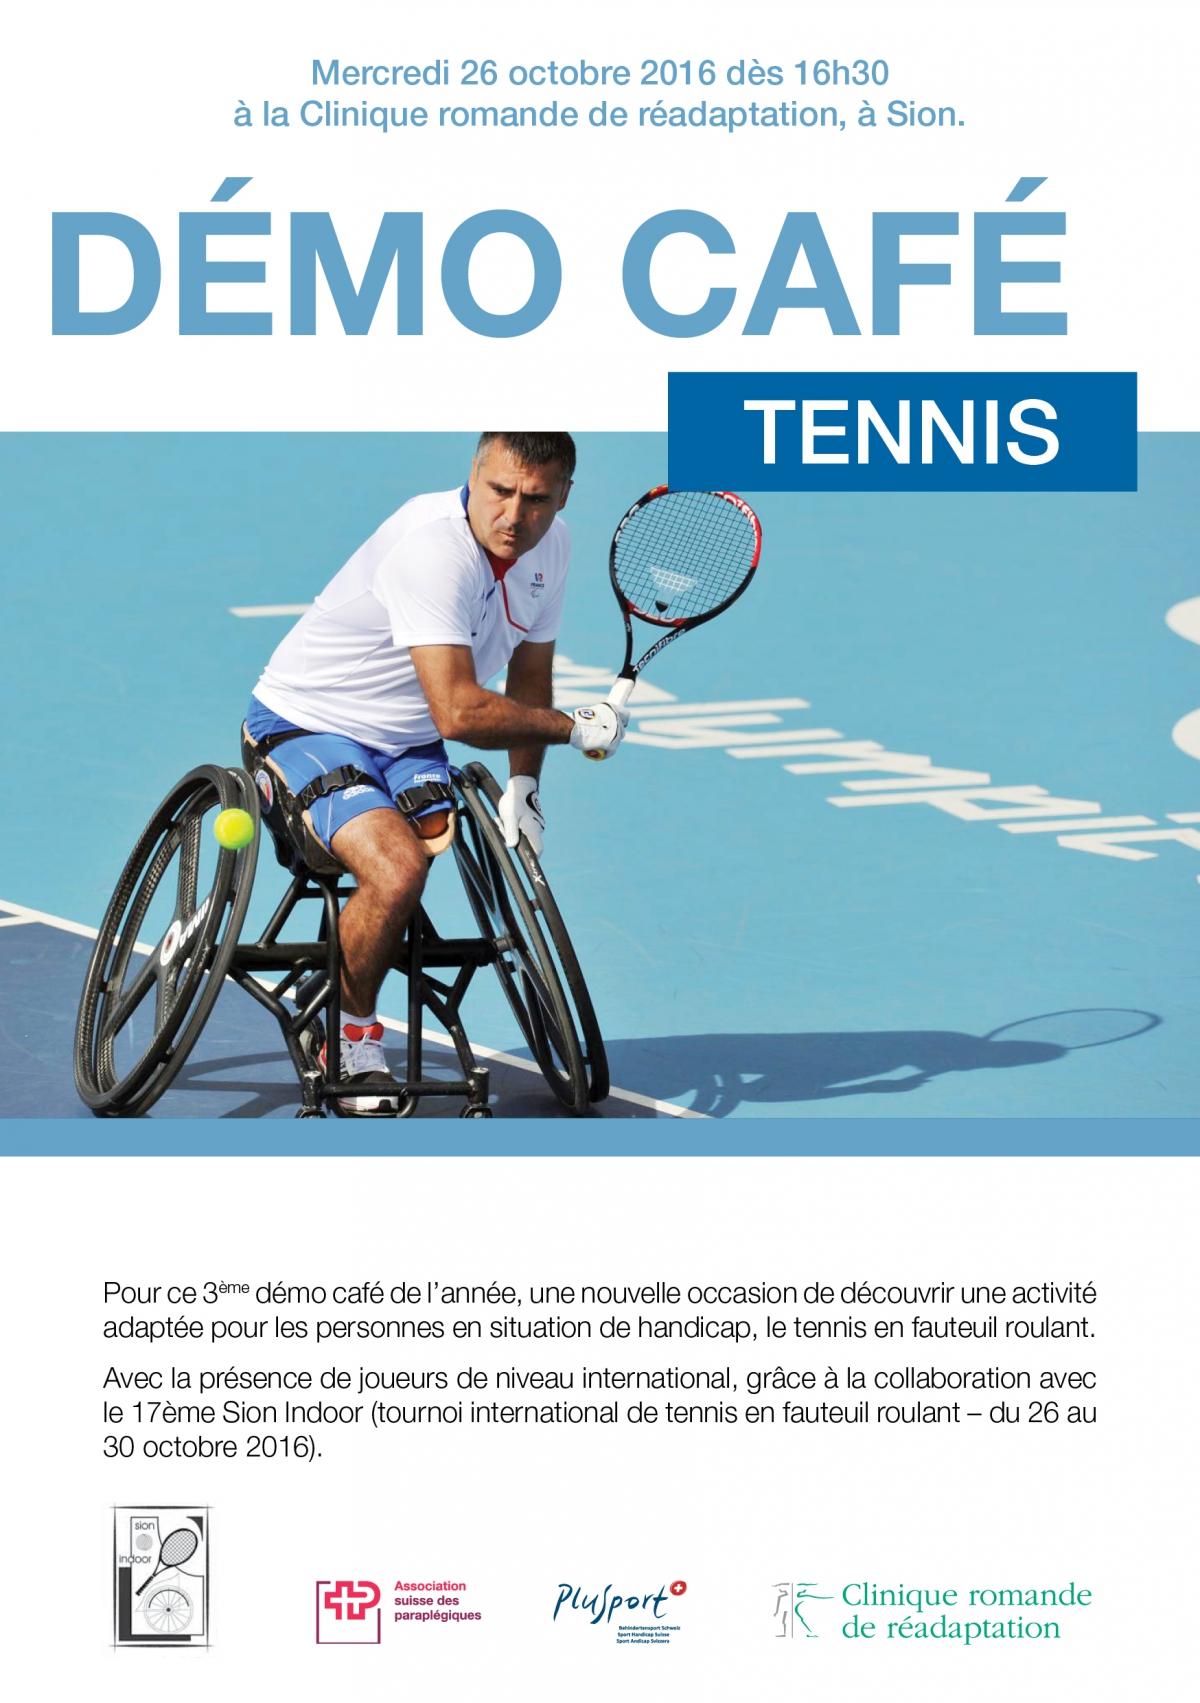 Démo Café Tennis En Fauteuil Roulant Clinique Romande De